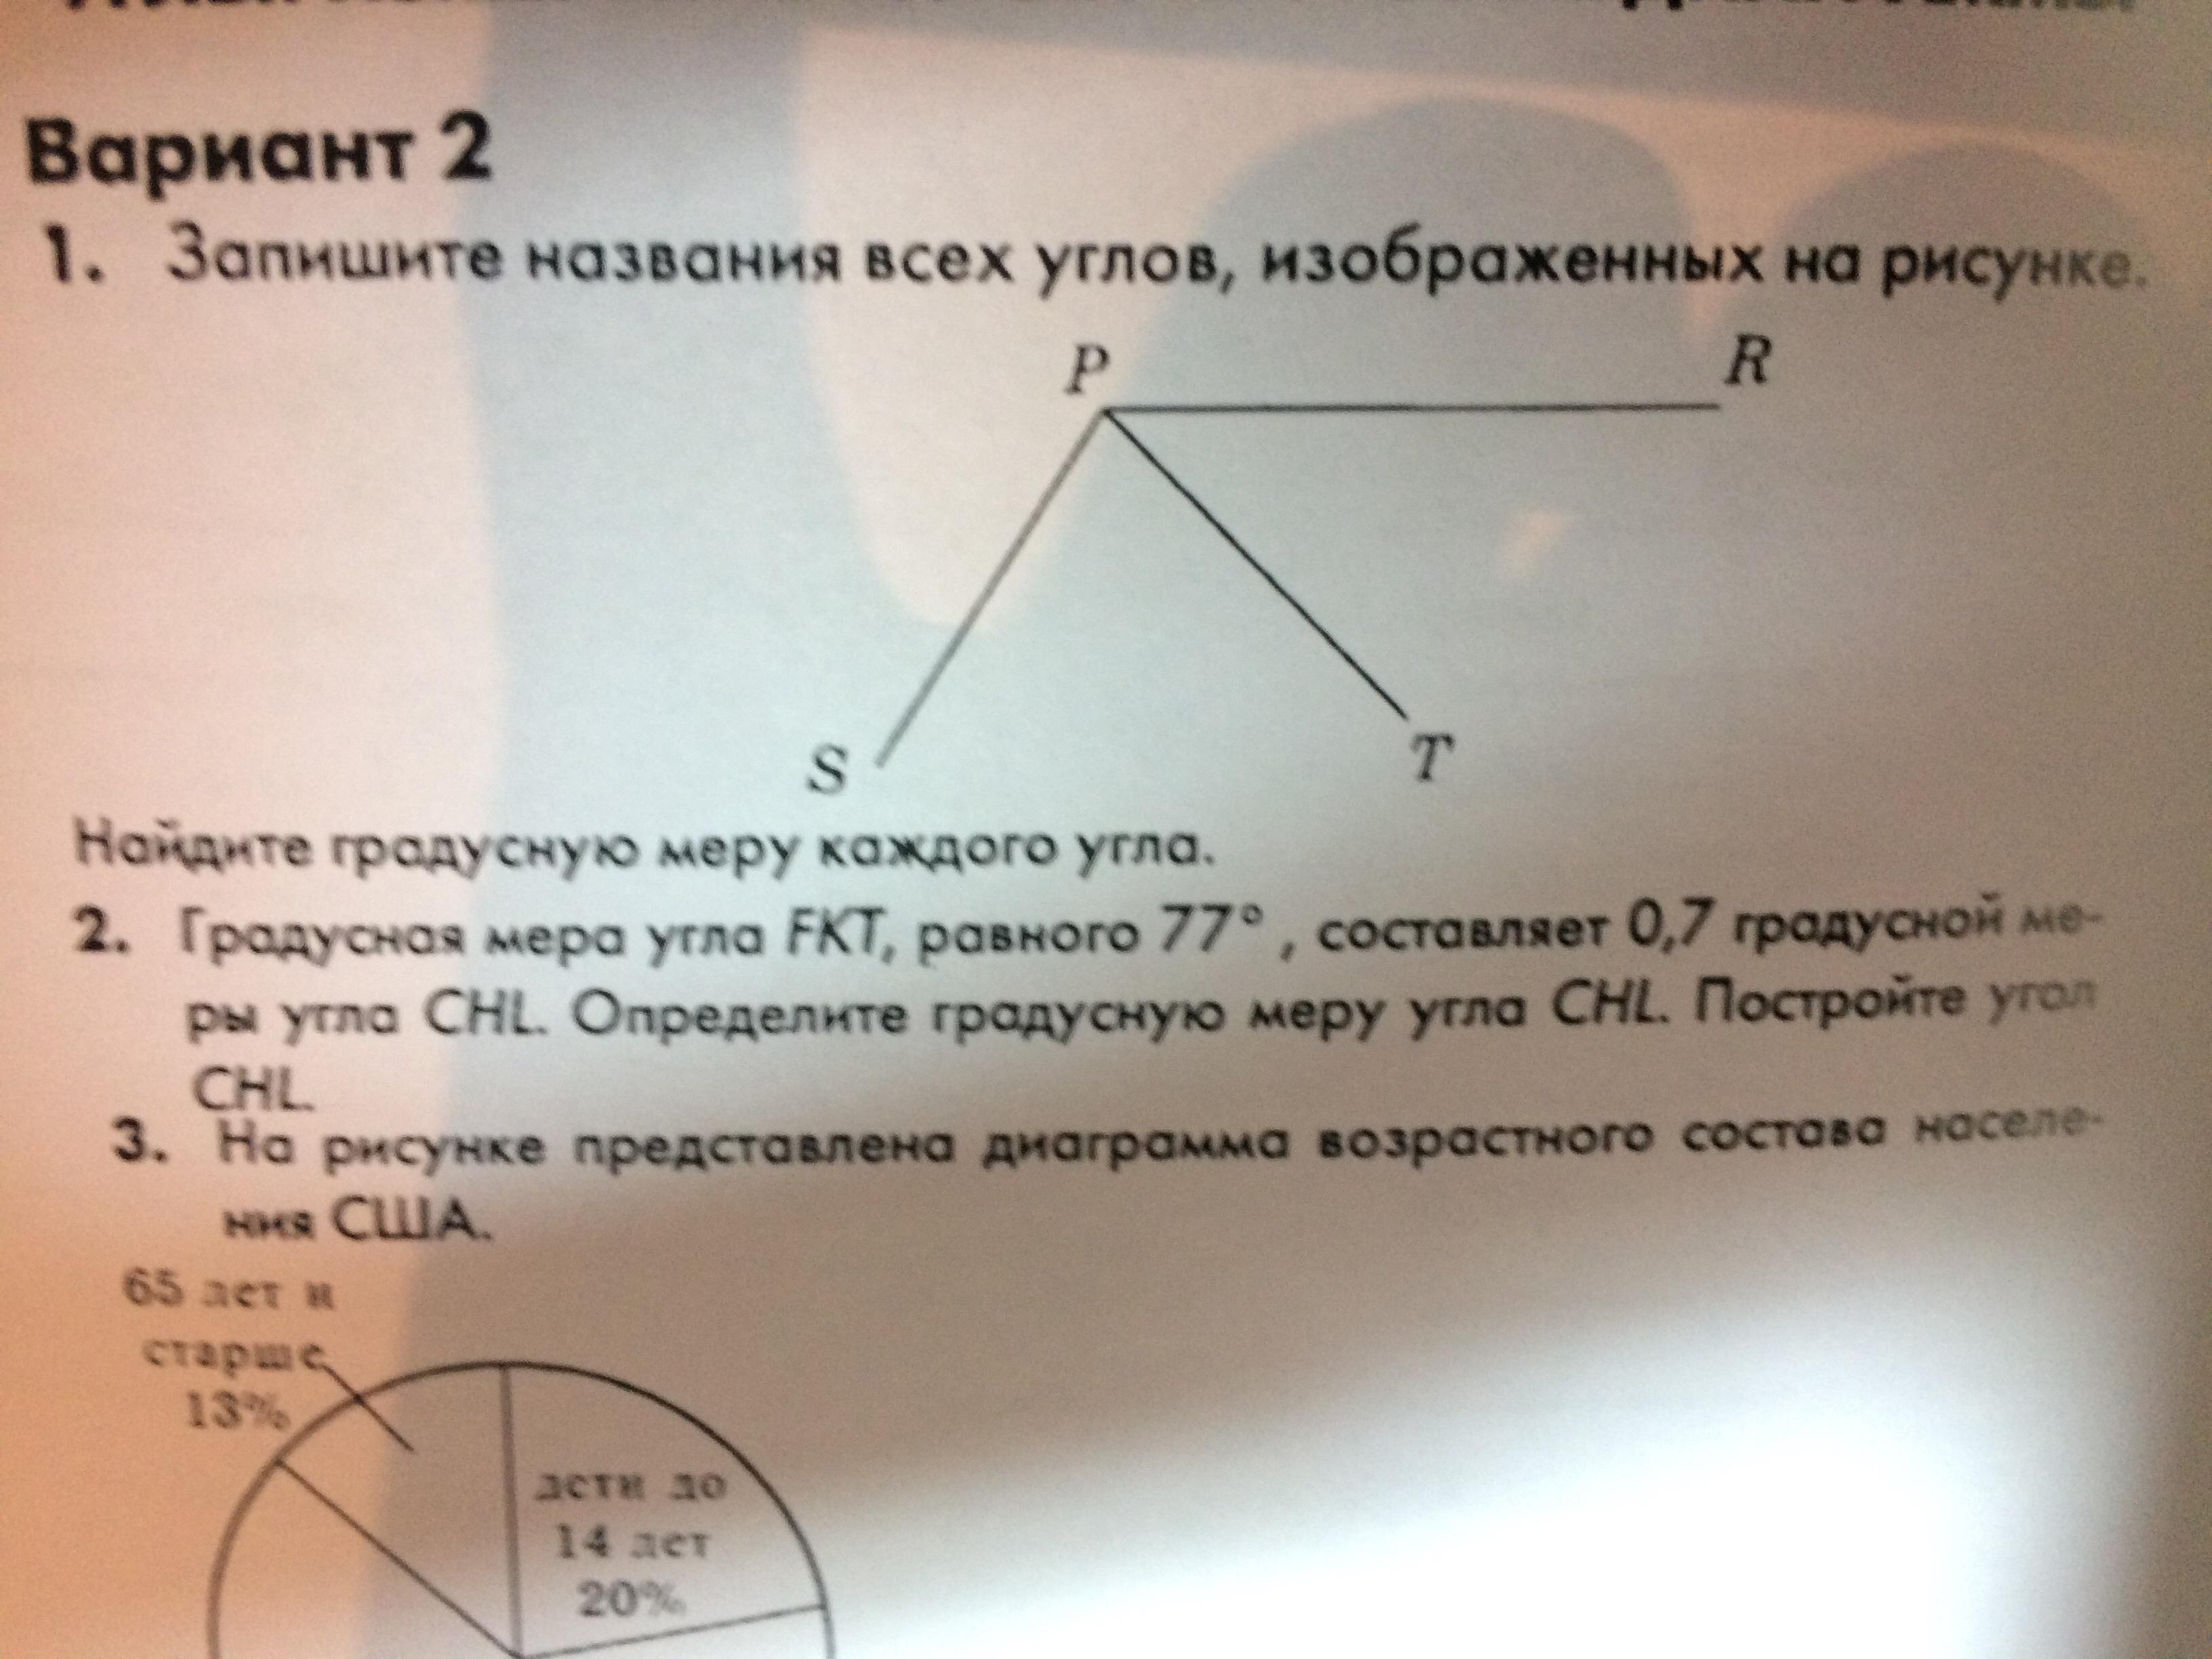 Запишите все углы изображённые на рисунке 85.измерьте угол snk